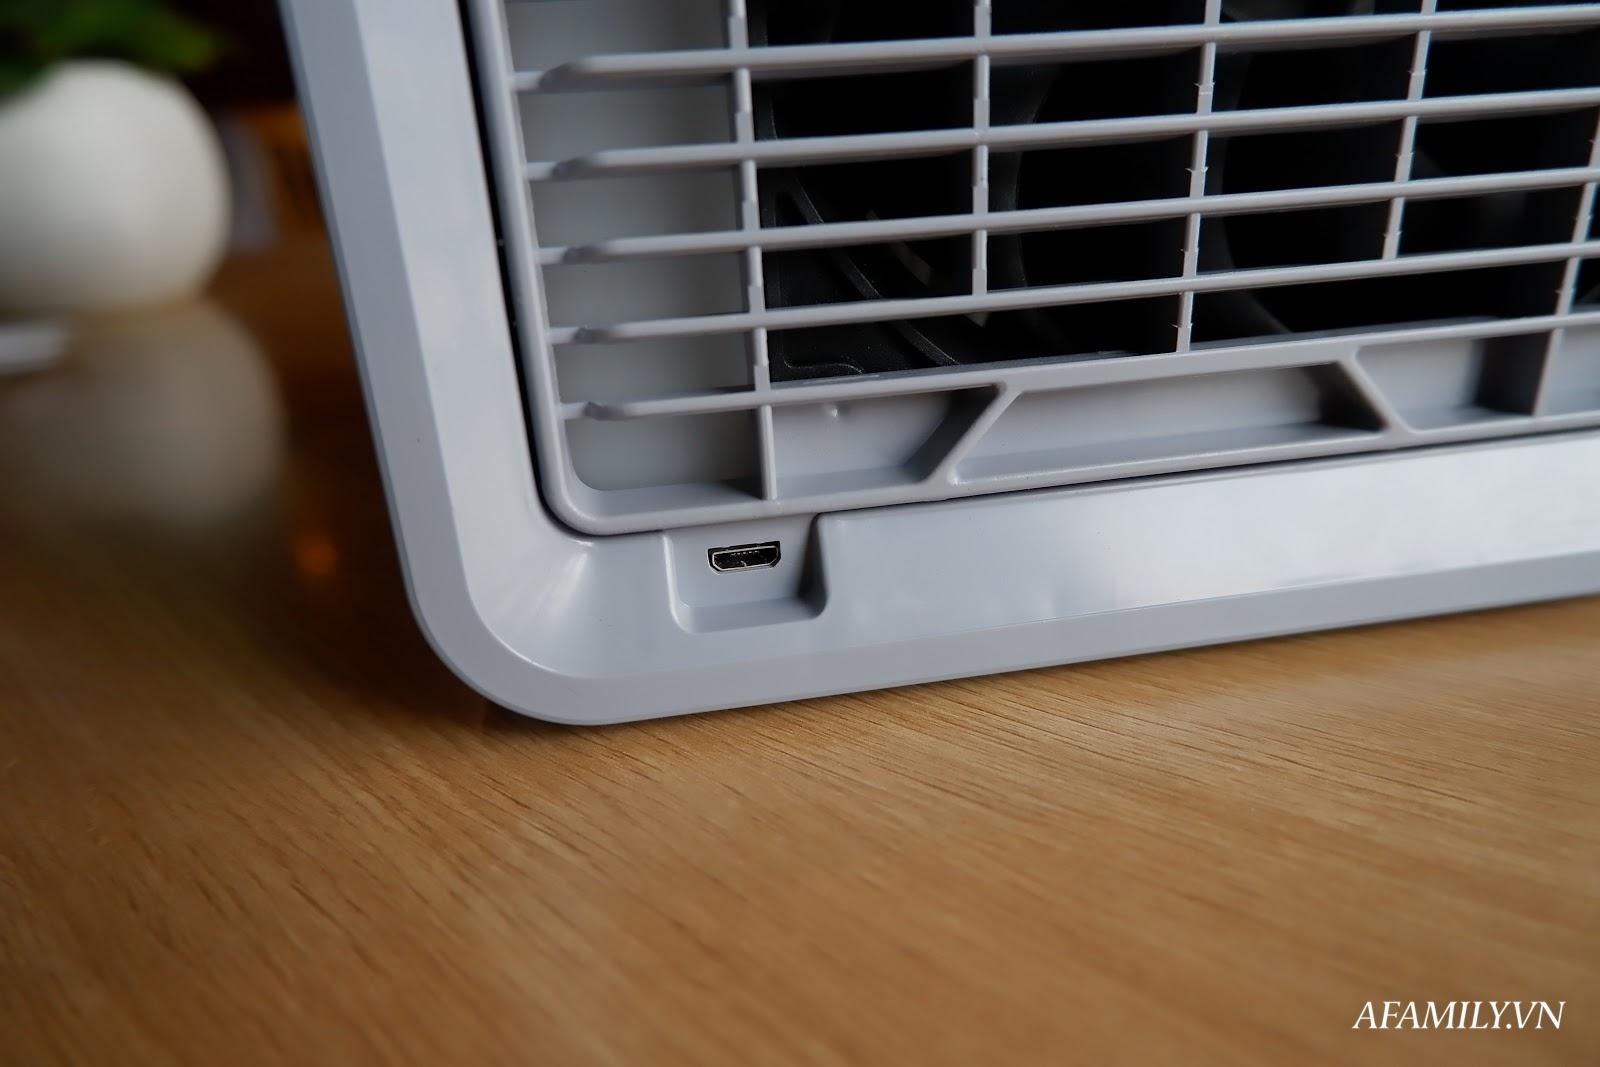 Đánh giá chất lượng quạt làm mát mini Arctic Air: Làm mát không khí có tốt không? - Ảnh 4.